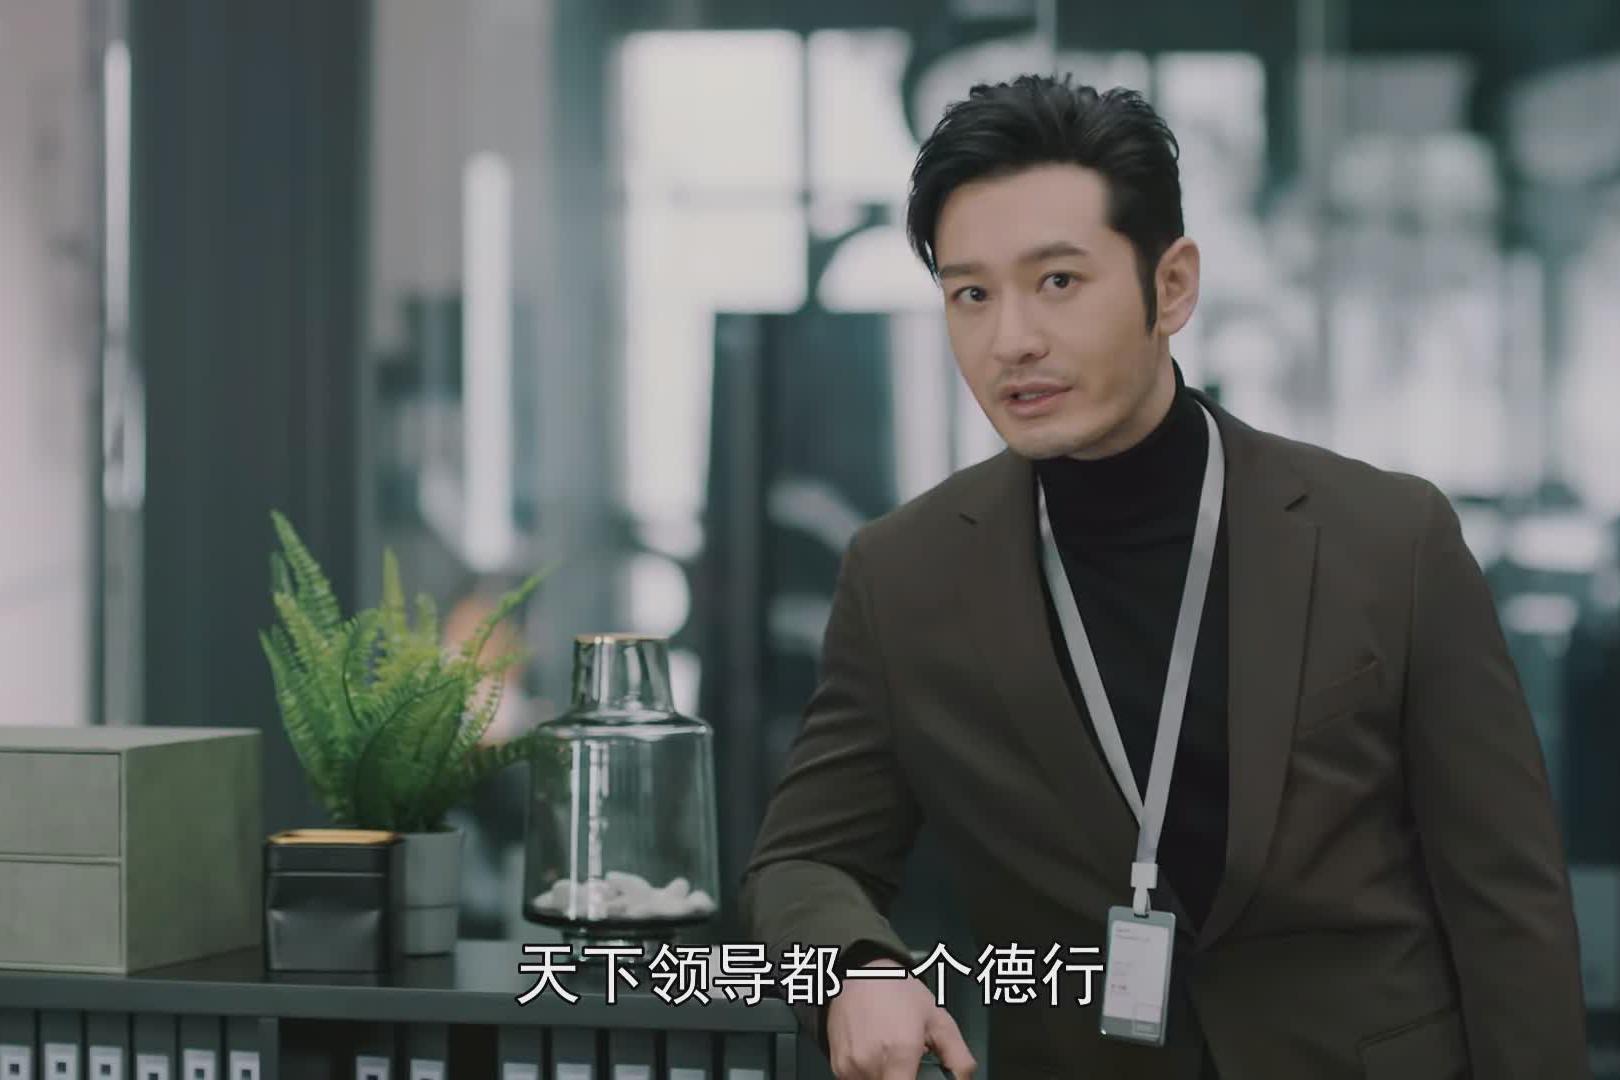 黄晓明新剧高能,跨国企业公关内幕被扒皮,娱乐圈套路被起底